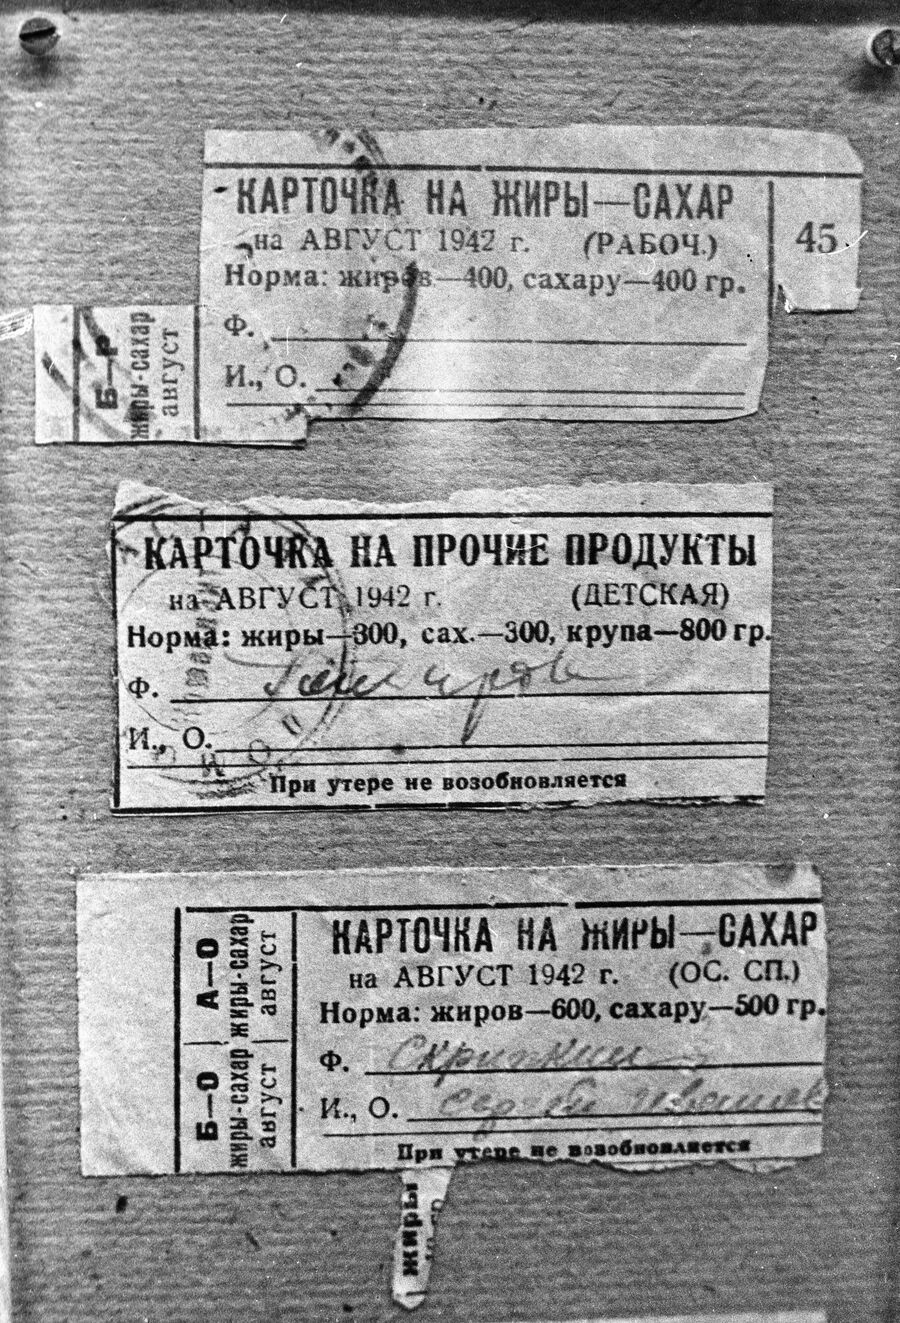 Продовольственные карточки 1942 года по которым жители СССР получали продукты питания